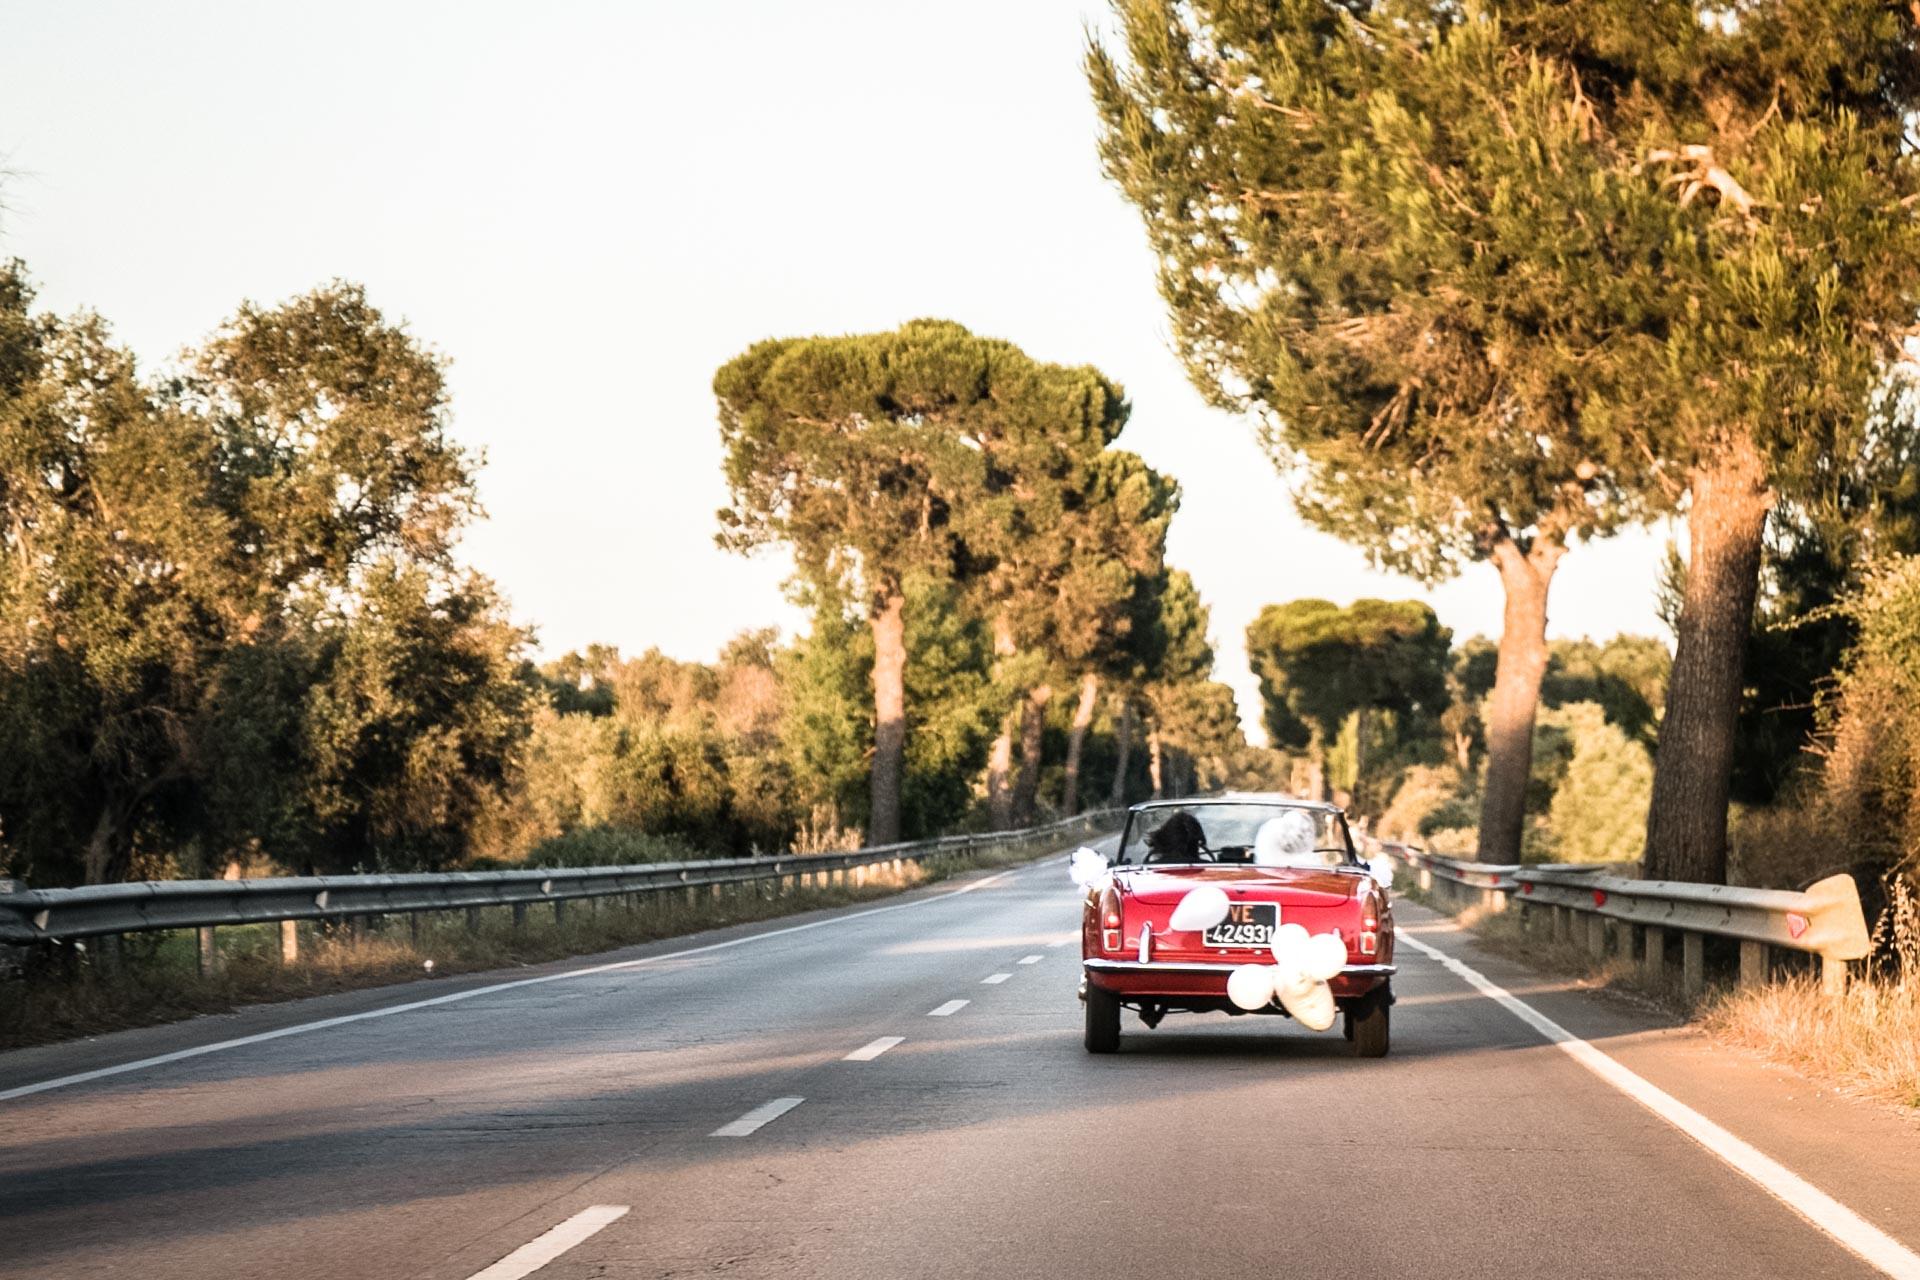 Panareo fotografo Lecce_2016-06-04 Matrimonio Edvige e Giuseppe_Story_IMG_3528-fotografo di matrimonio lecce